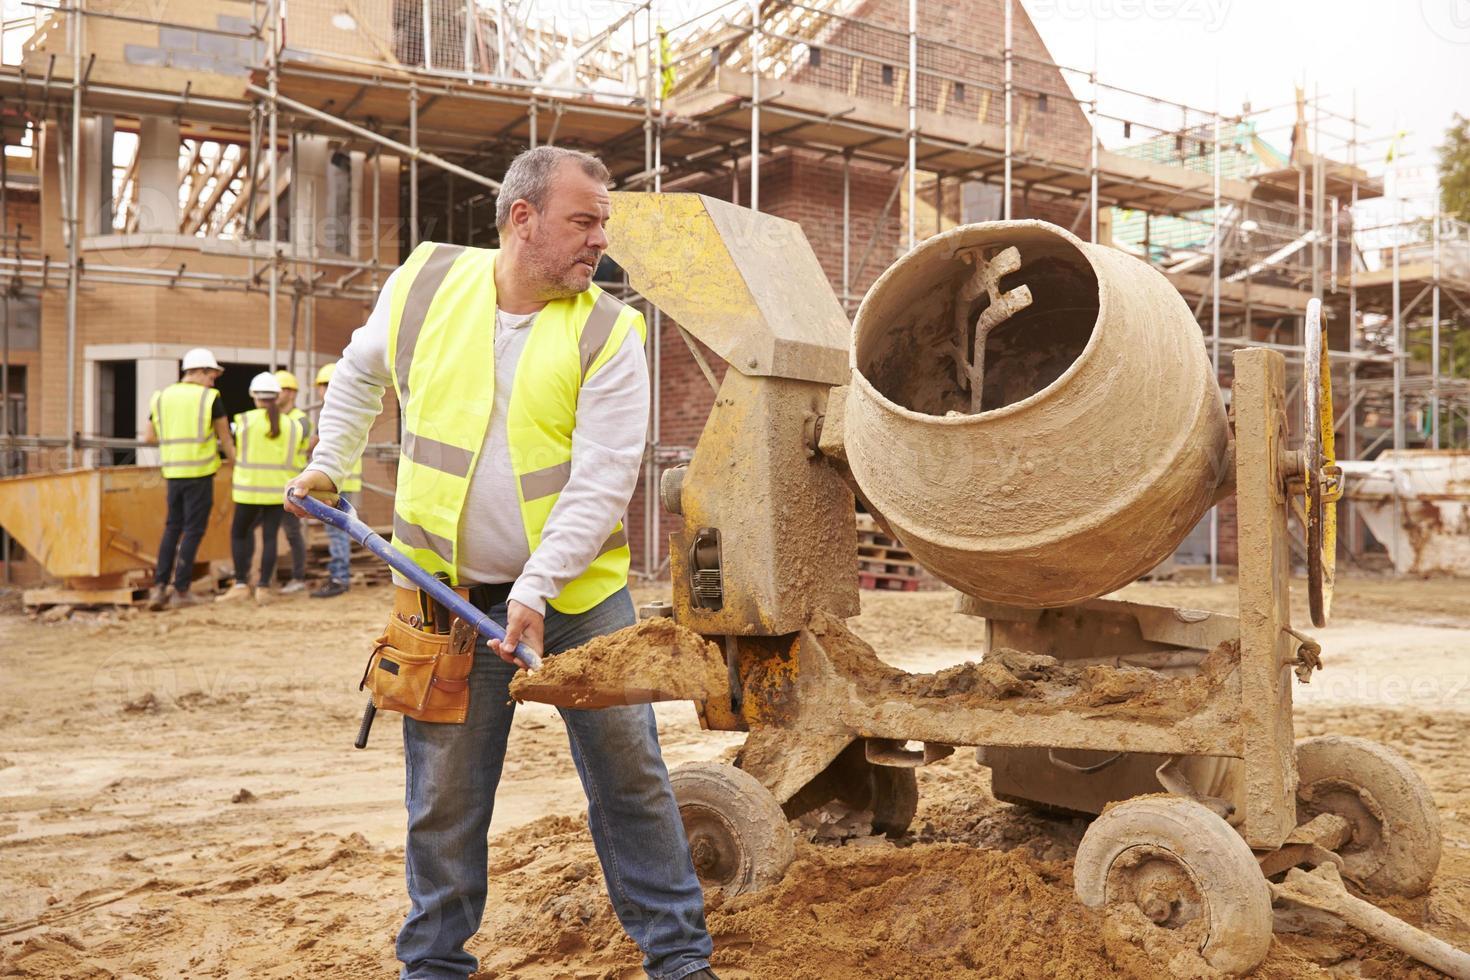 Bauarbeiter auf der Baustelle Zement mischen foto